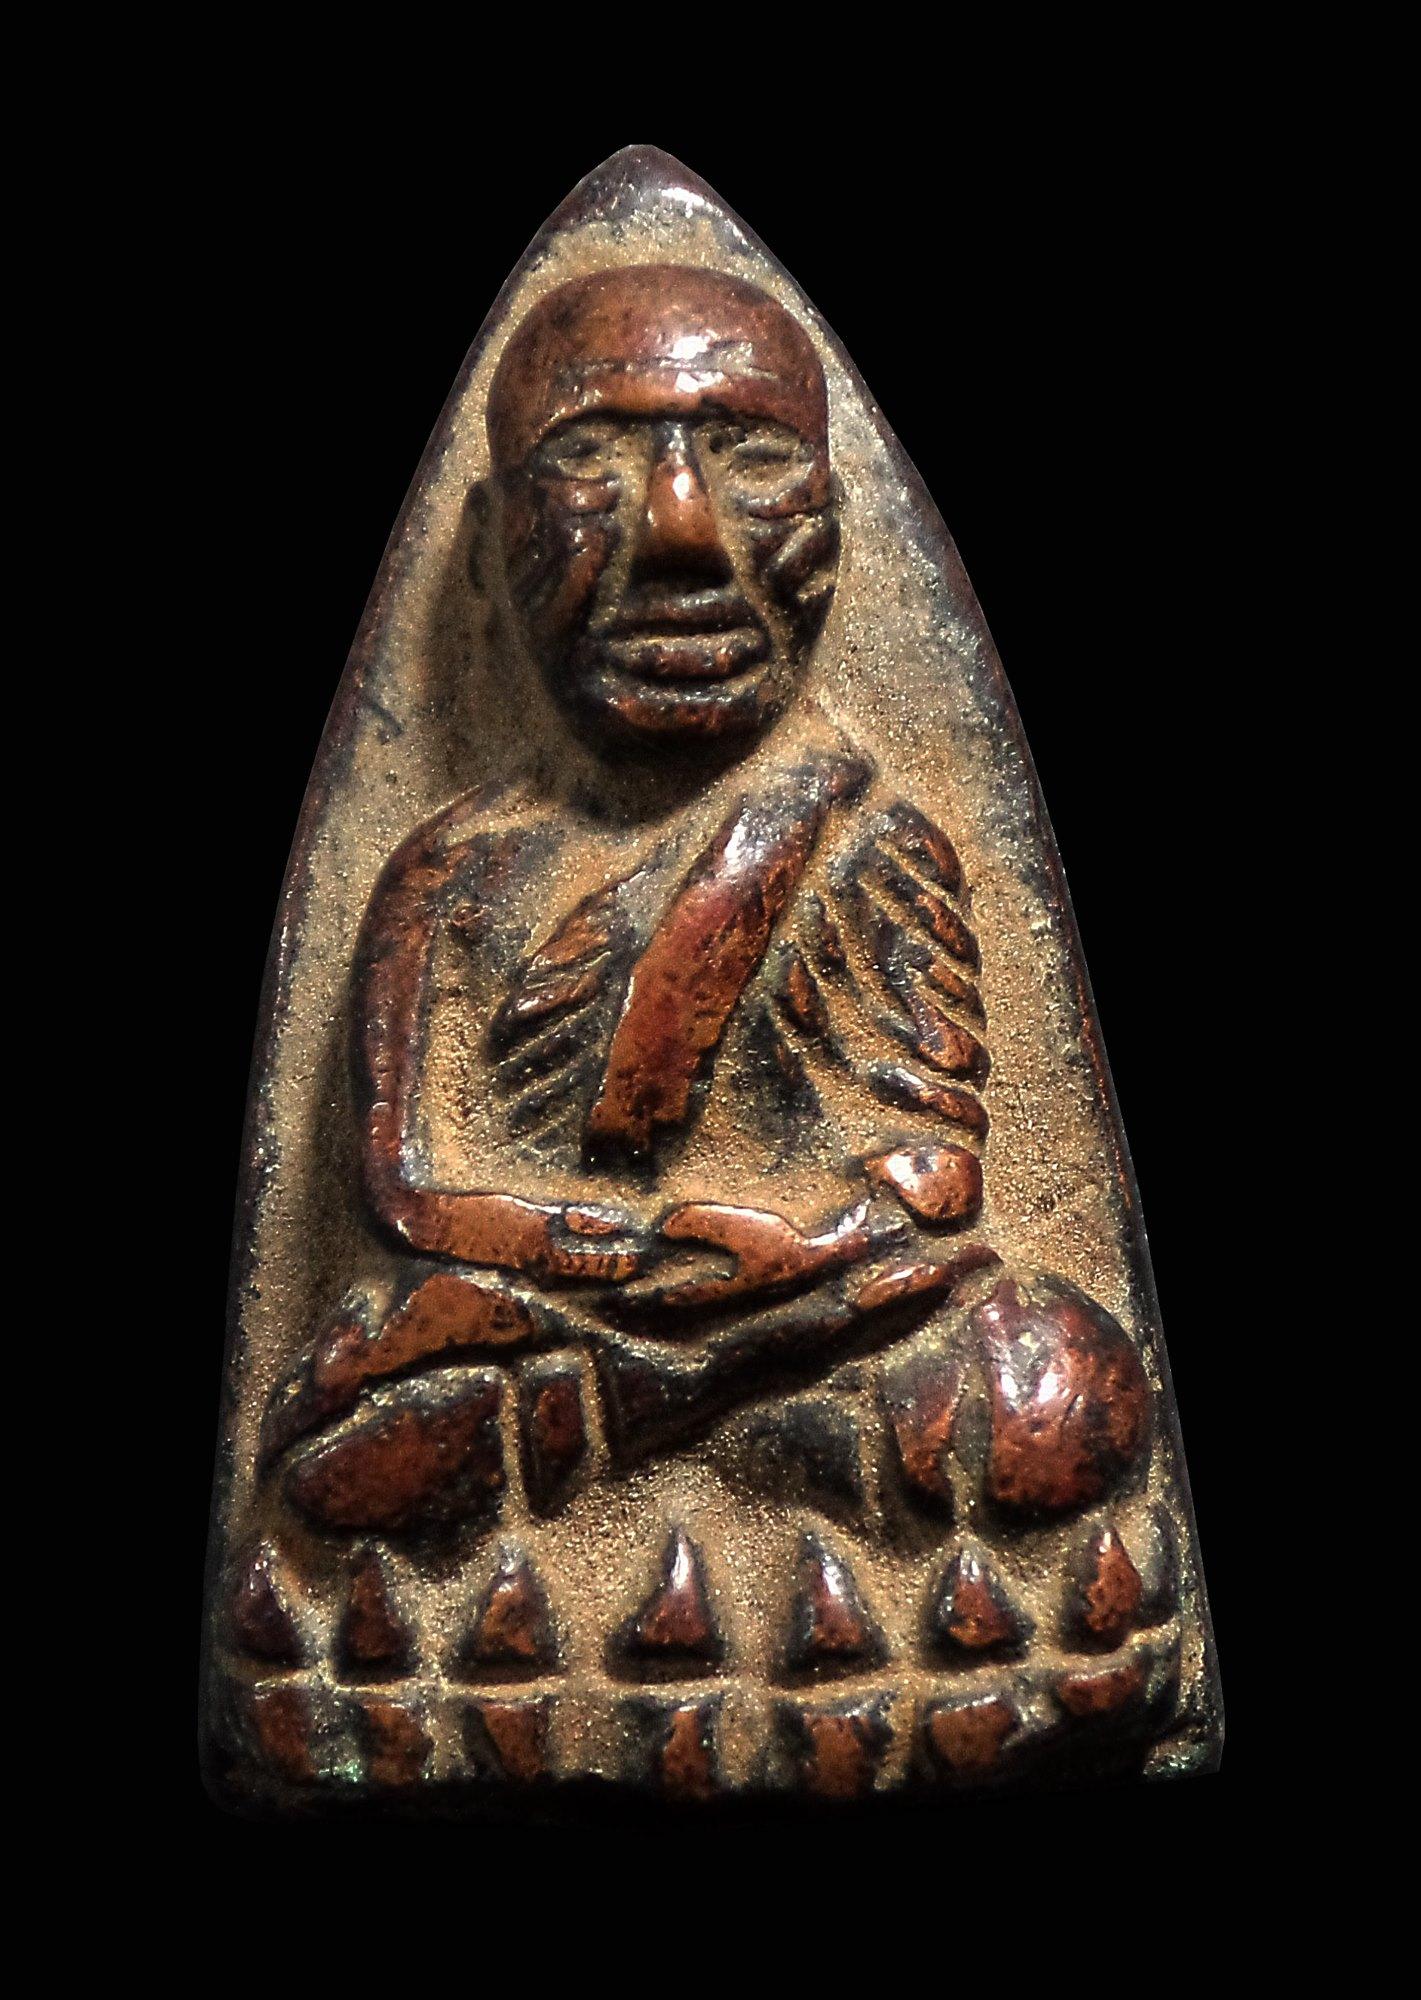 หลวงปู่ทวด หลังเตารีด พิมพ์ใหญ่ A วัดช้างให้ ปี 2505